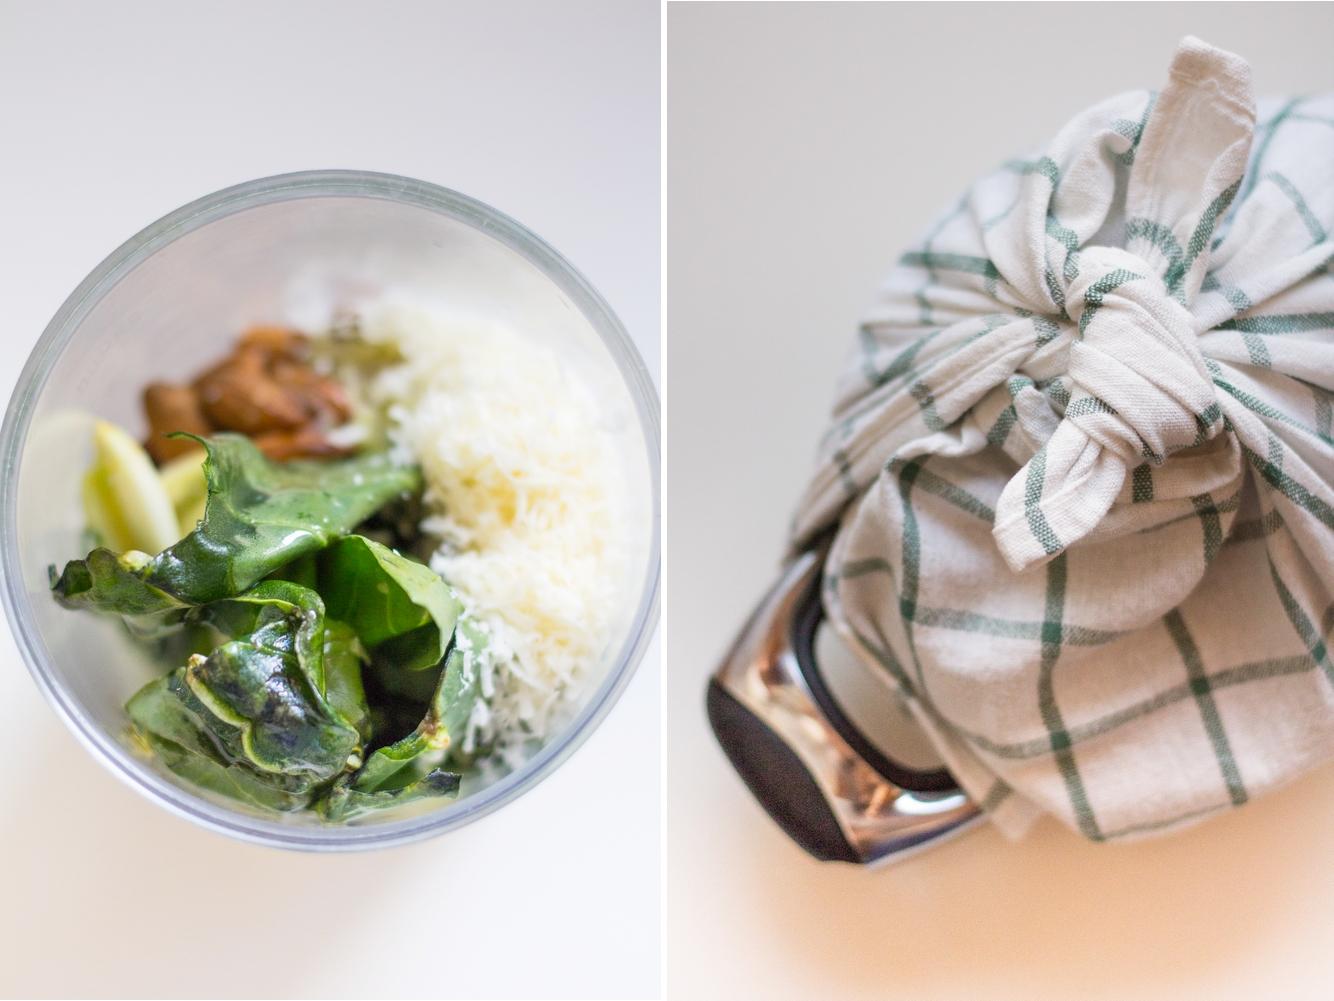 ingredienti dell'insalata di riso integrale al pesto di bietoline